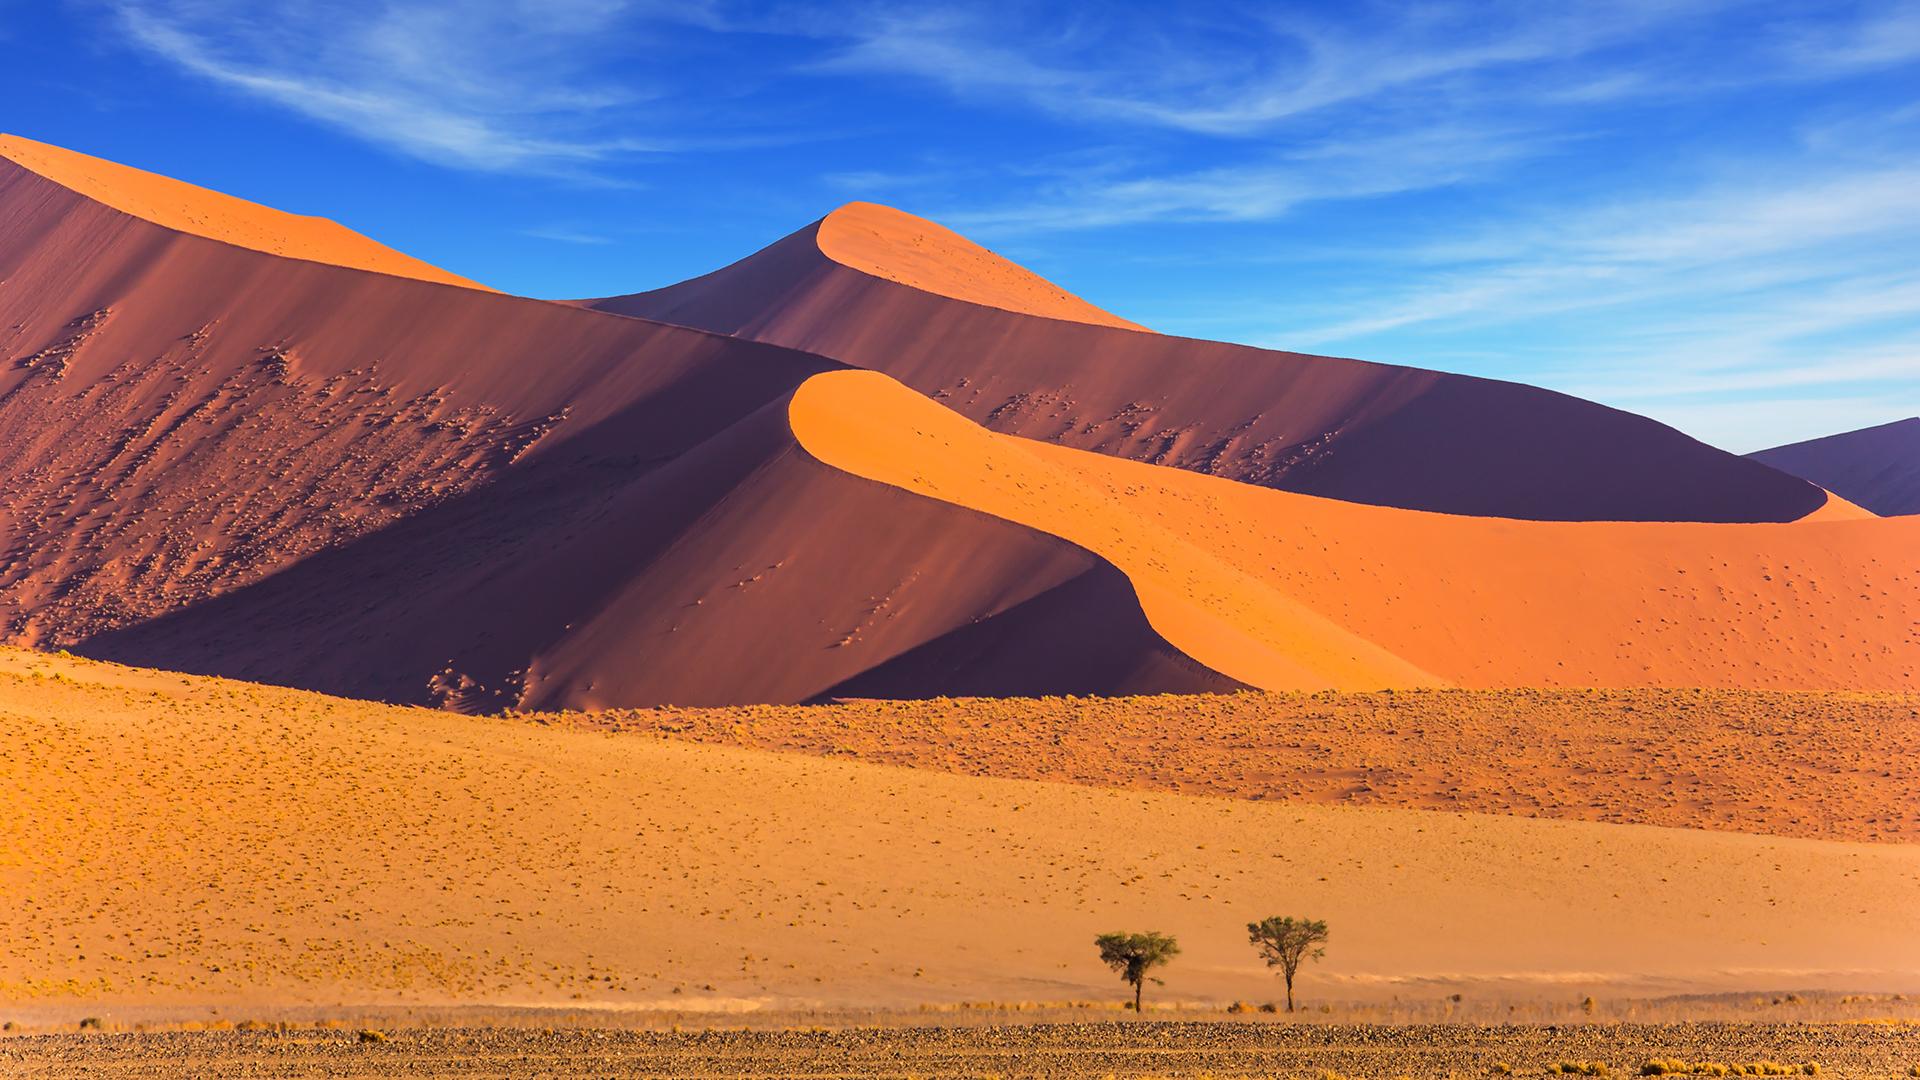 Cuando se trata de pura belleza natural, pocos países de África se acercan a Namibia. El desierto de Namib es la estrella del país, aunque pocos lugares del sur de África pueden competir con la fauna del extraordinario Etosha National Park, uno de los más grandes del mundo, con una extensión de 22.270 km²